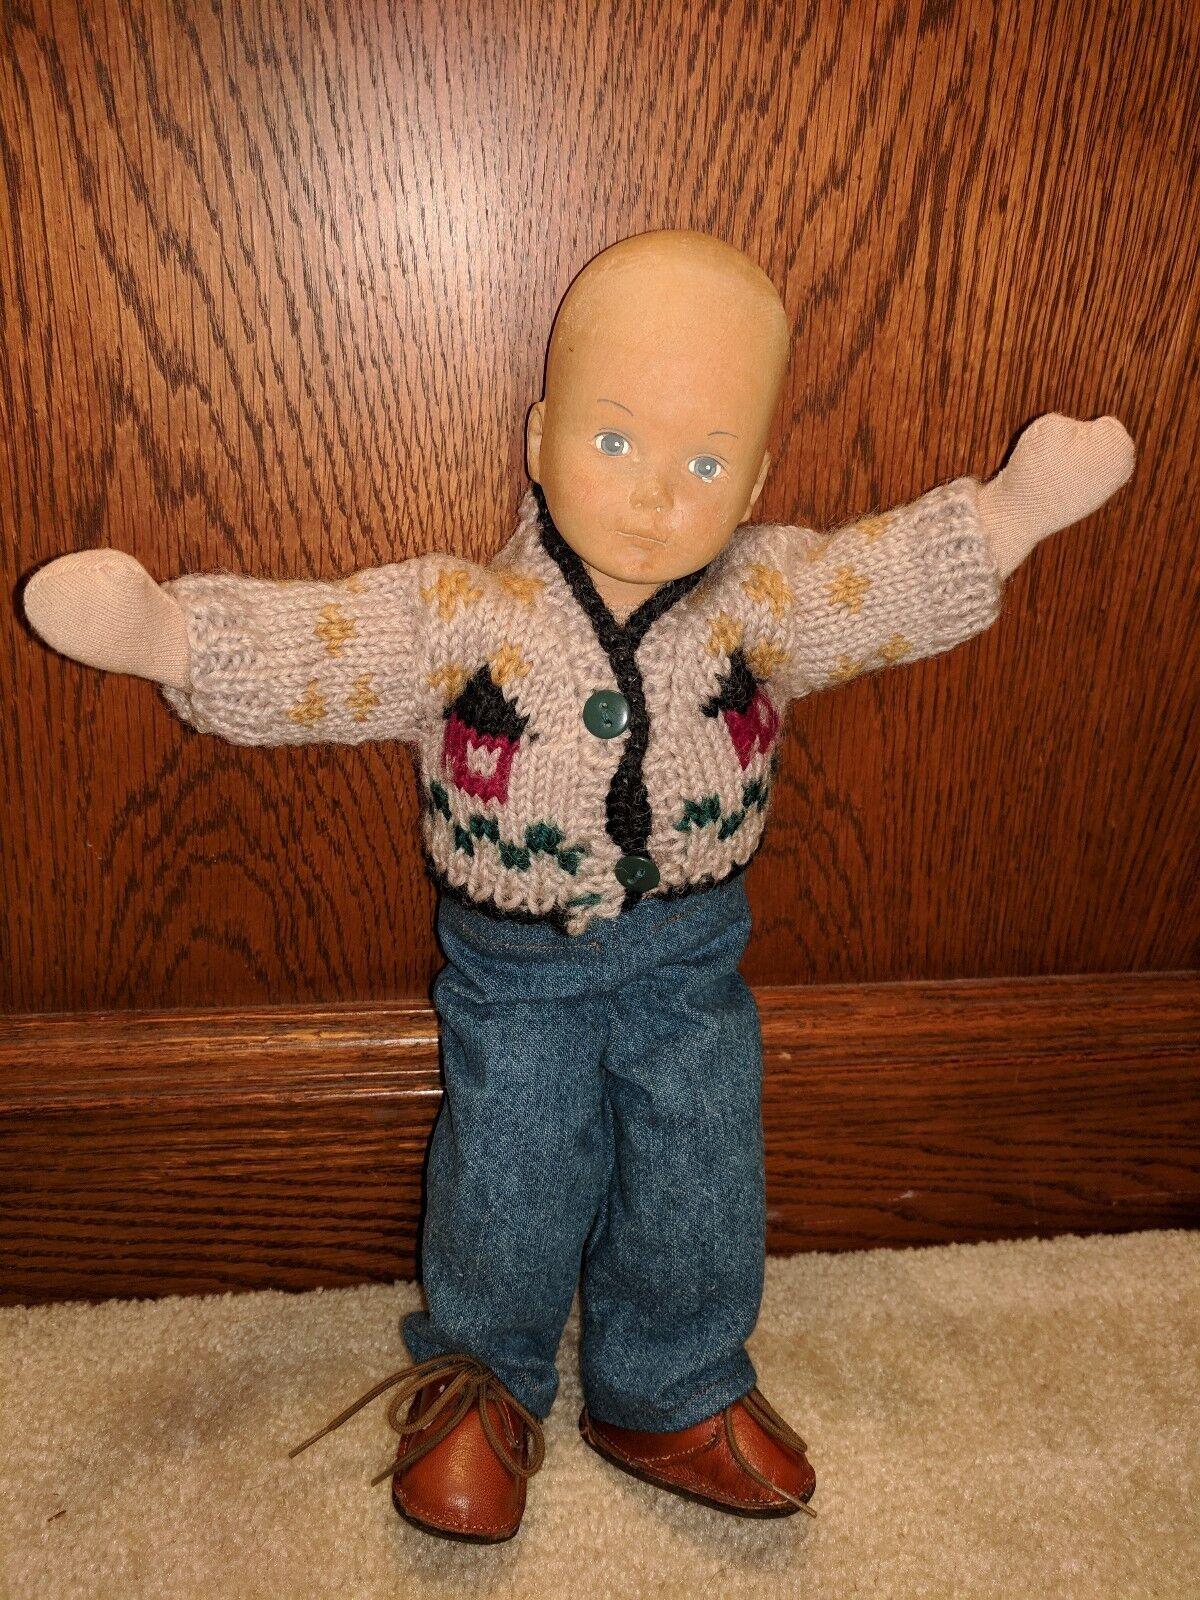 13 pulgadas muñeca de madera de niño con peluche cuerpo-Hobby Ritsch uno de una clase